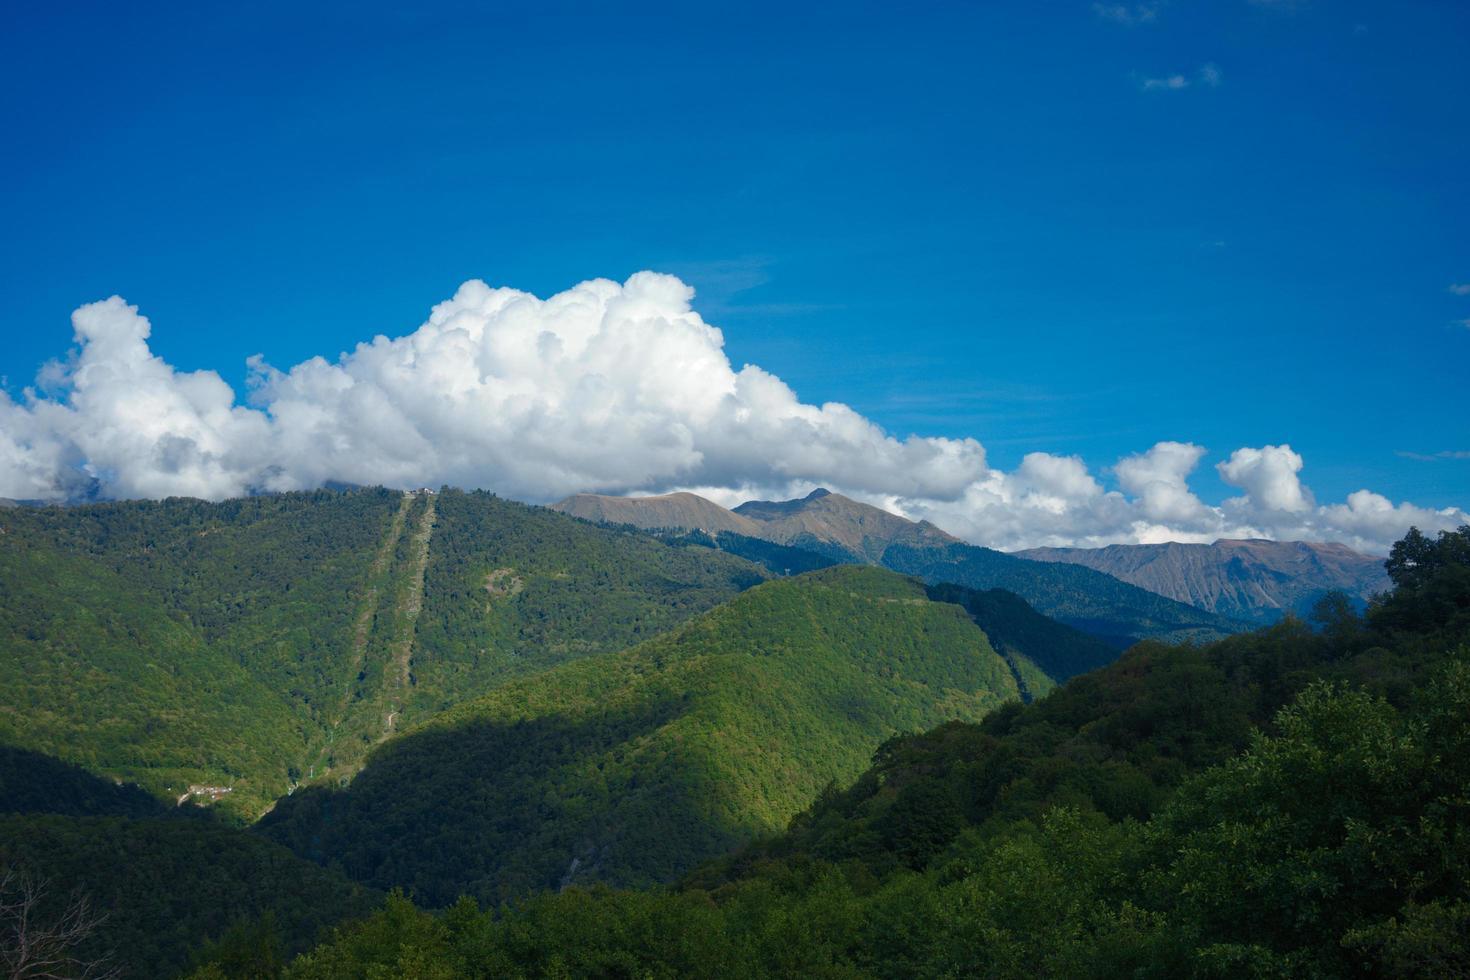 Paysage de montagne avec forêt verte et ciel bleu nuageux à Sotchi, Russie photo